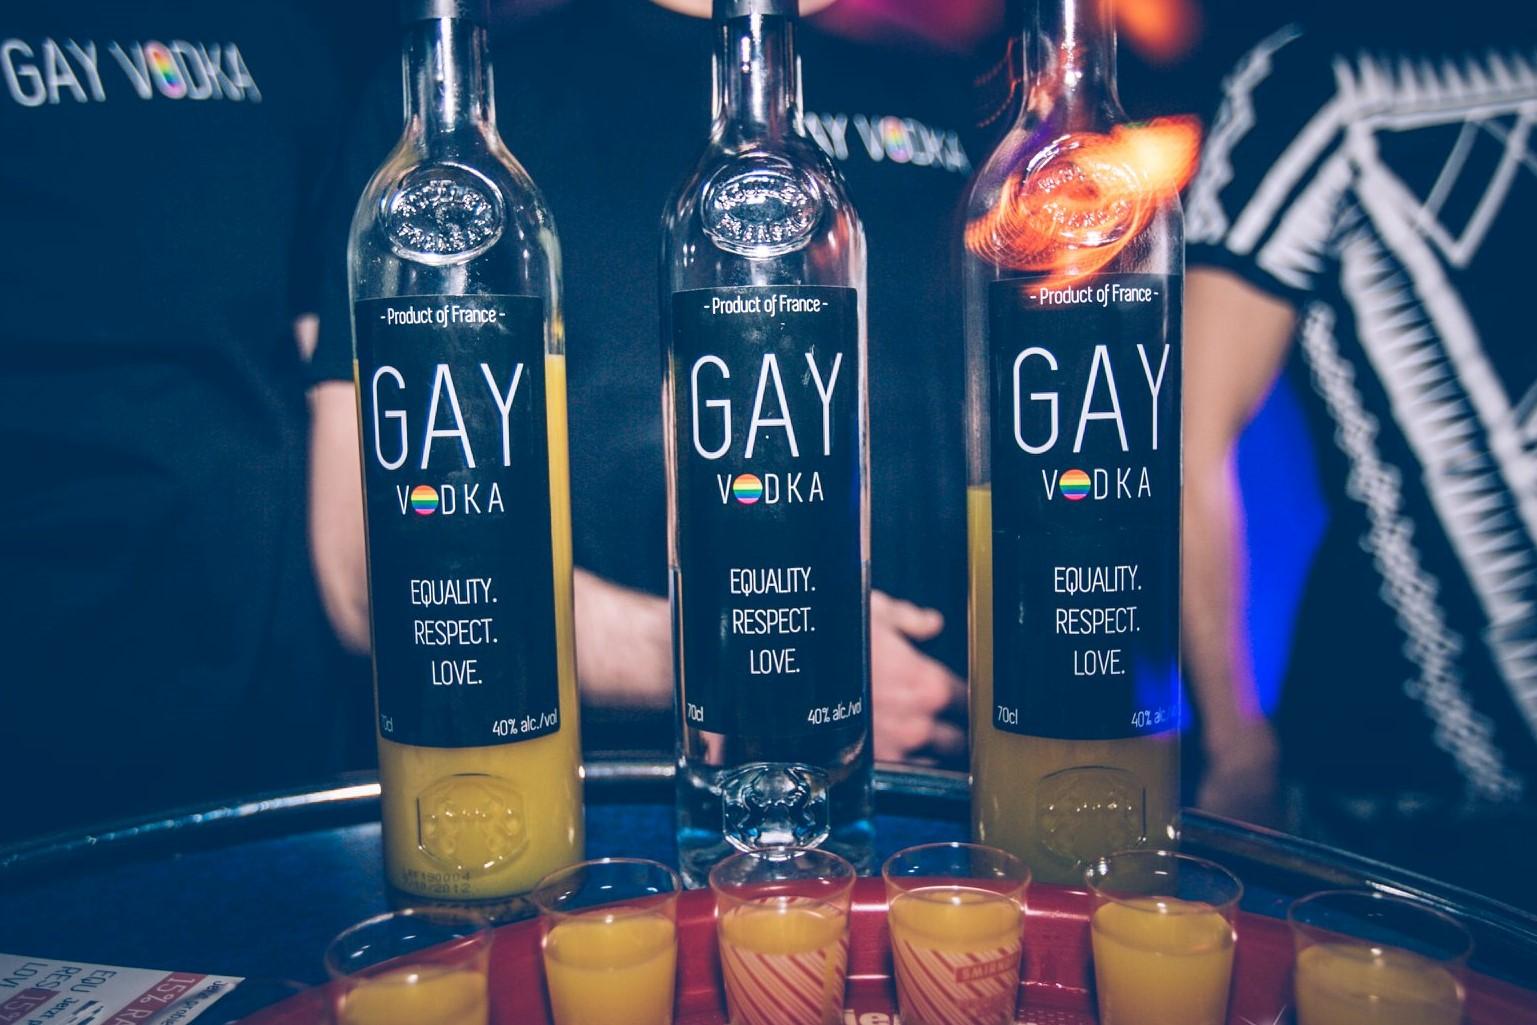 gay vodka auf Rechnung kaufen und kostenloser Versand